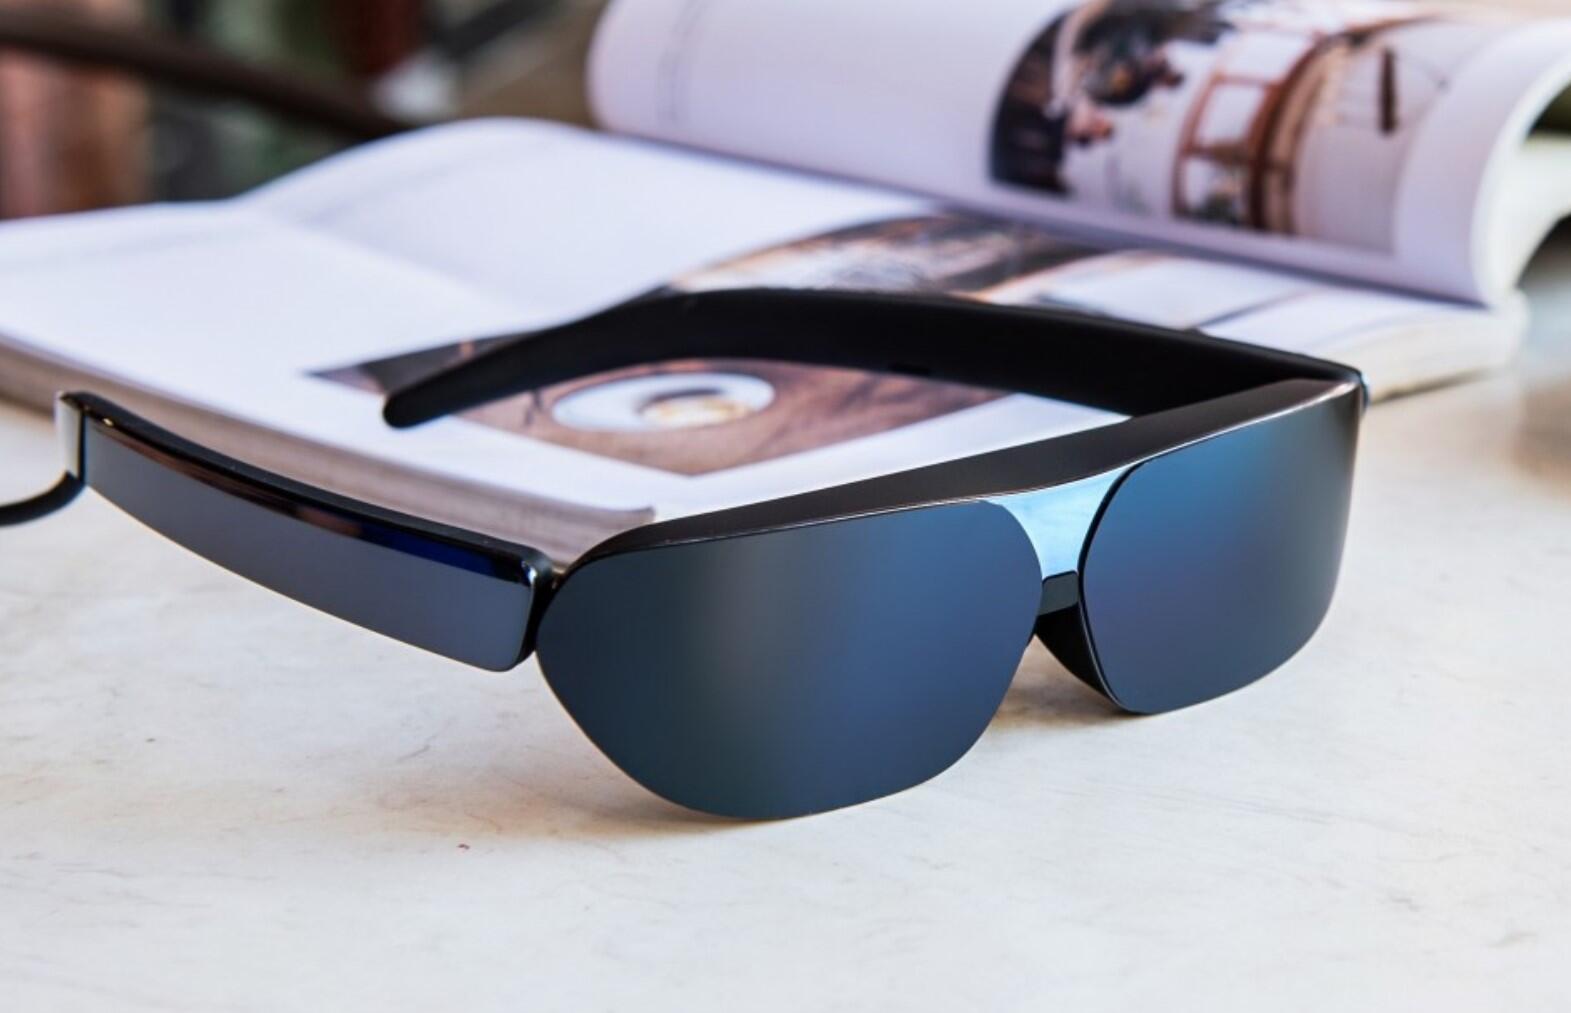 TCL, yeni akıllı gözlüğünü görücüye çıkardı